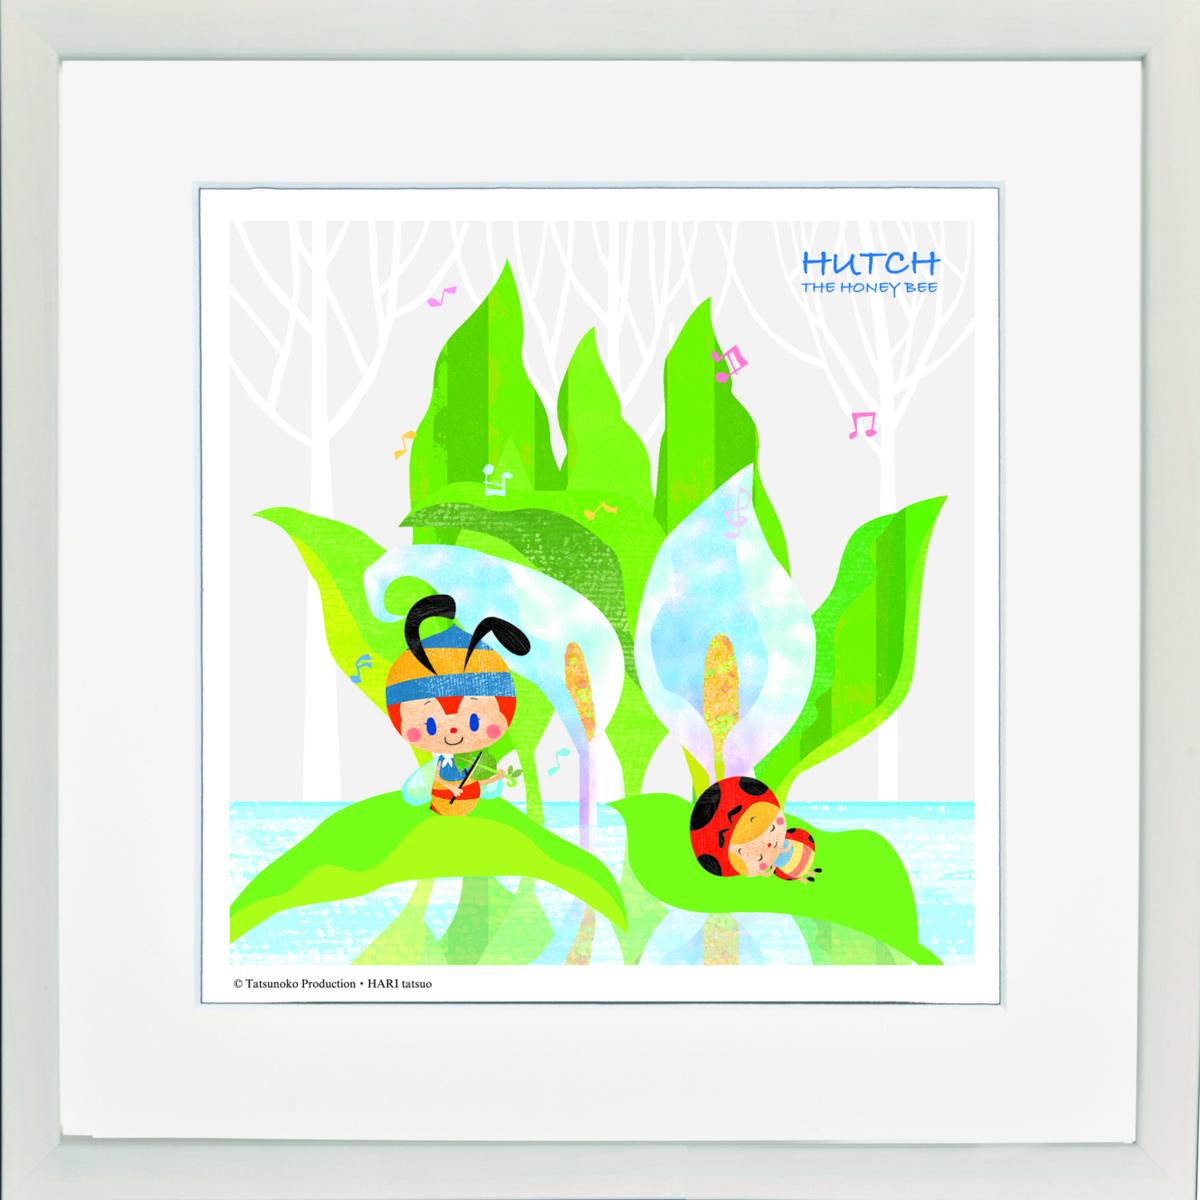 絵画 ジークレー版画 アート 額縁付 タツノコプロ 昆虫物語 みなしごハッチ はりたつお画 「春を待つ」 400x400mm_画像1